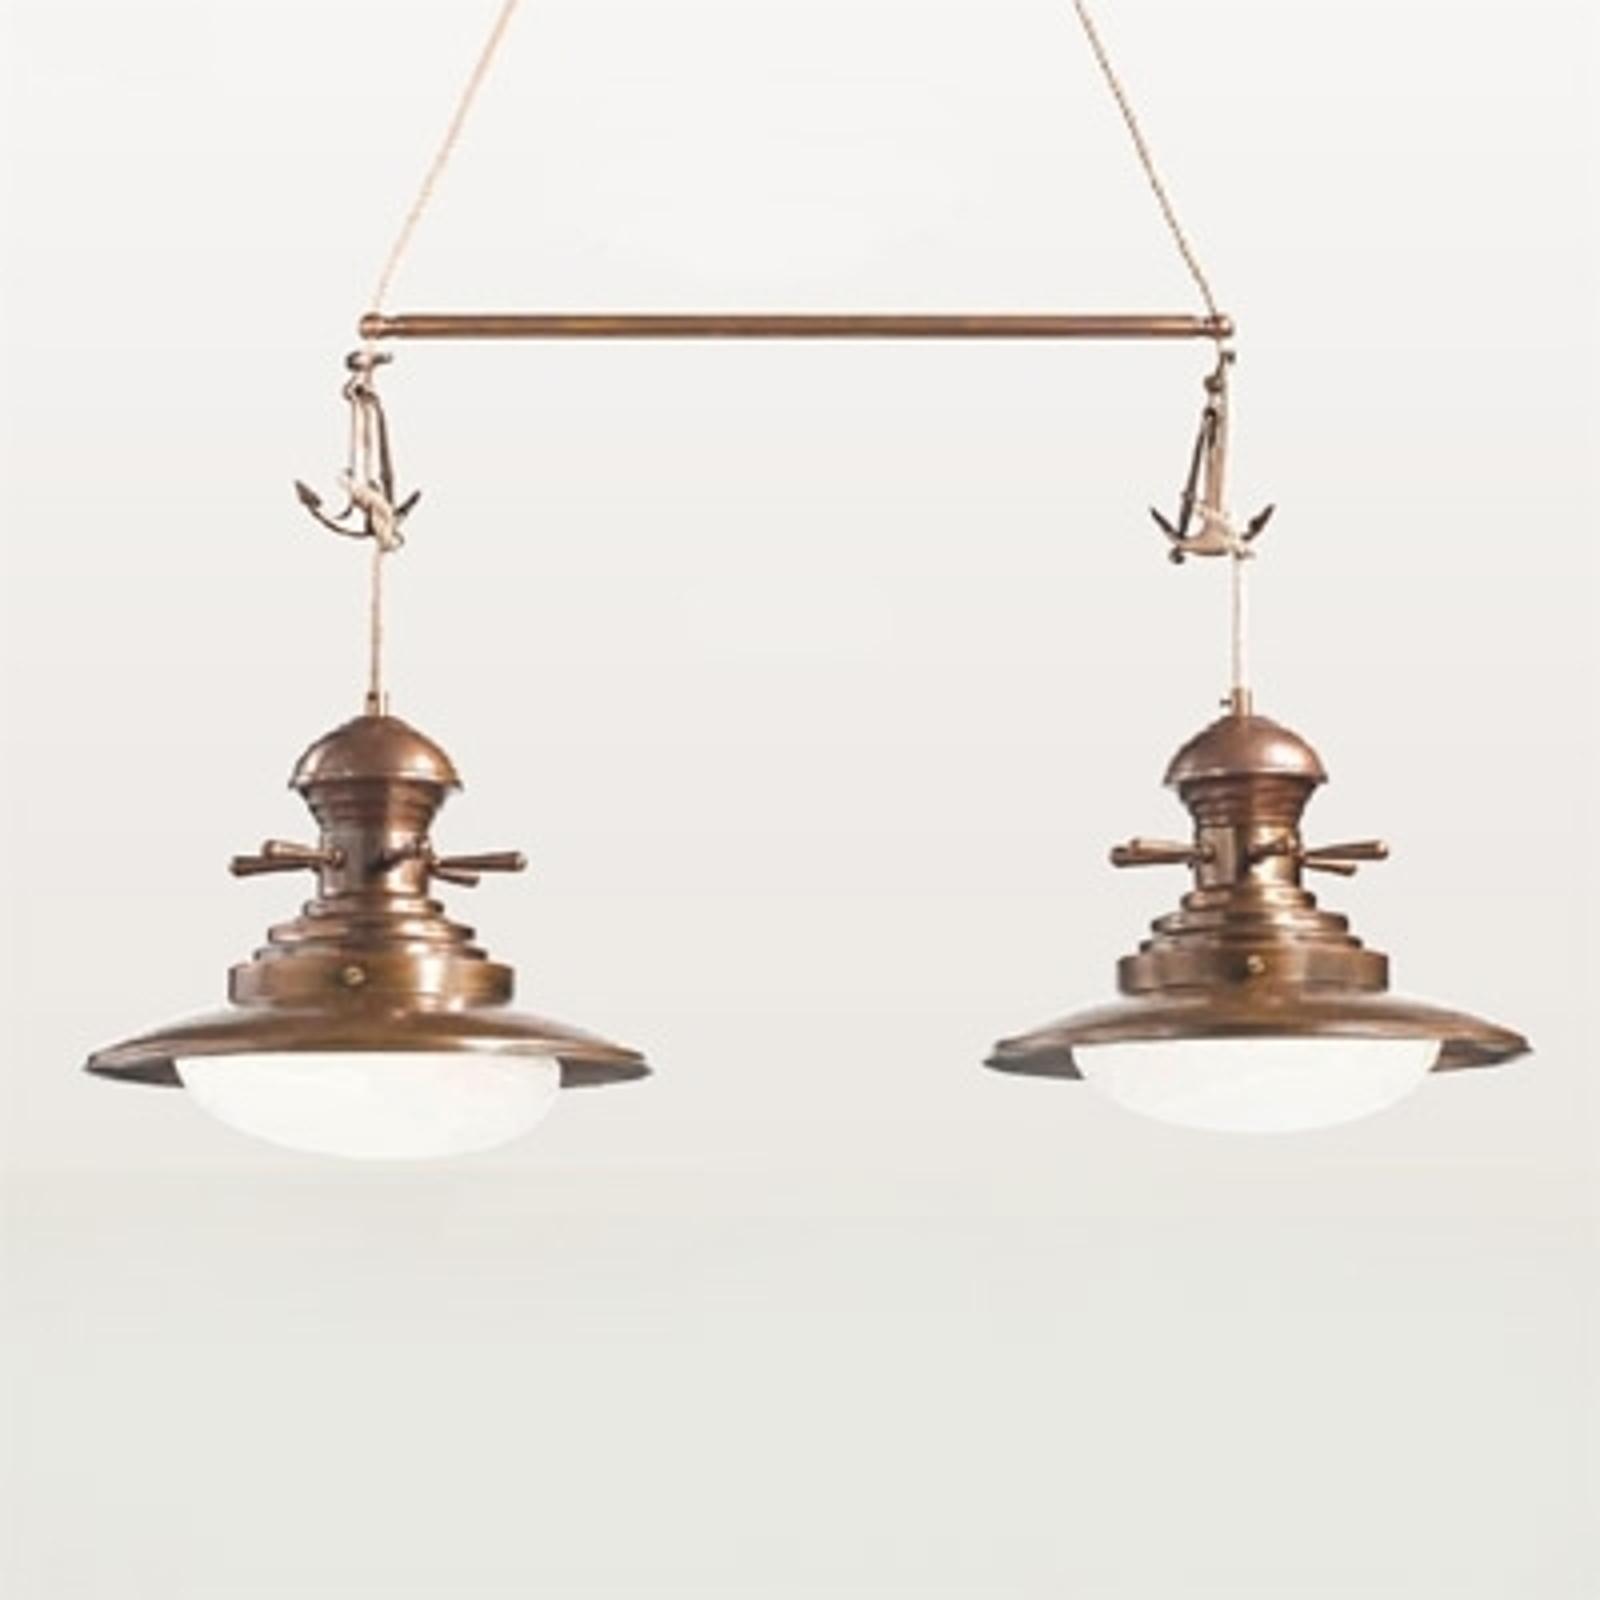 Lampa wisząca Baia 2-punktowa brązowana